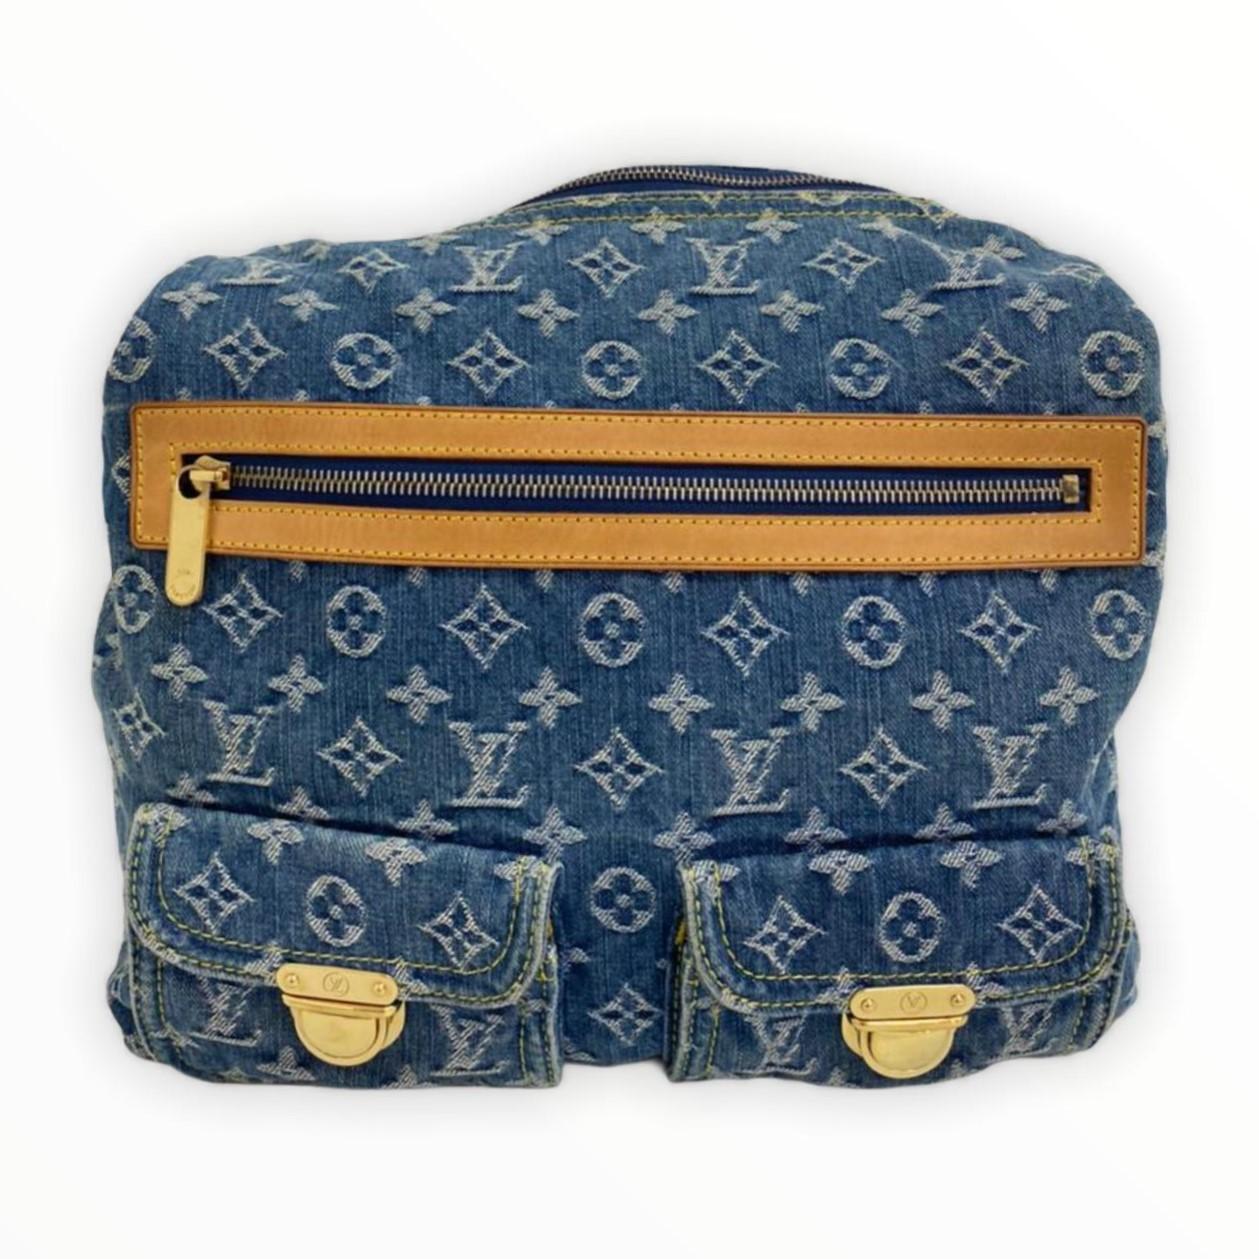 Bolsa Louis Vuitton Jeans Monogram Baggy